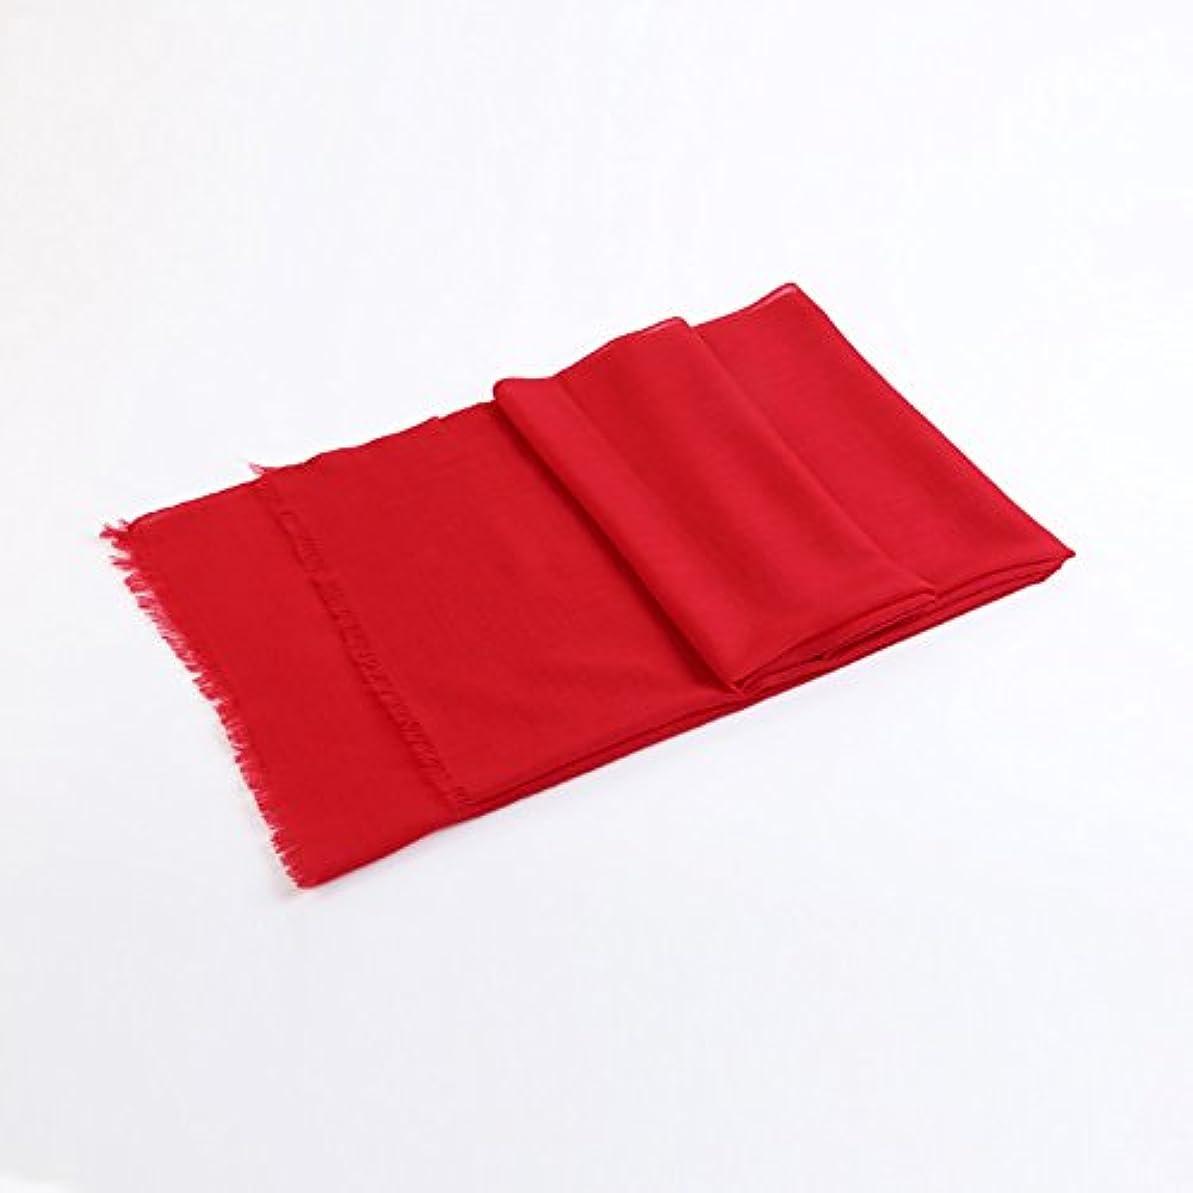 ファイター拘束する電卓プレーンカラーフリーススカーフティペット冬秋暖かいネッカー柔らかい二重目的 (色 : Red 1)